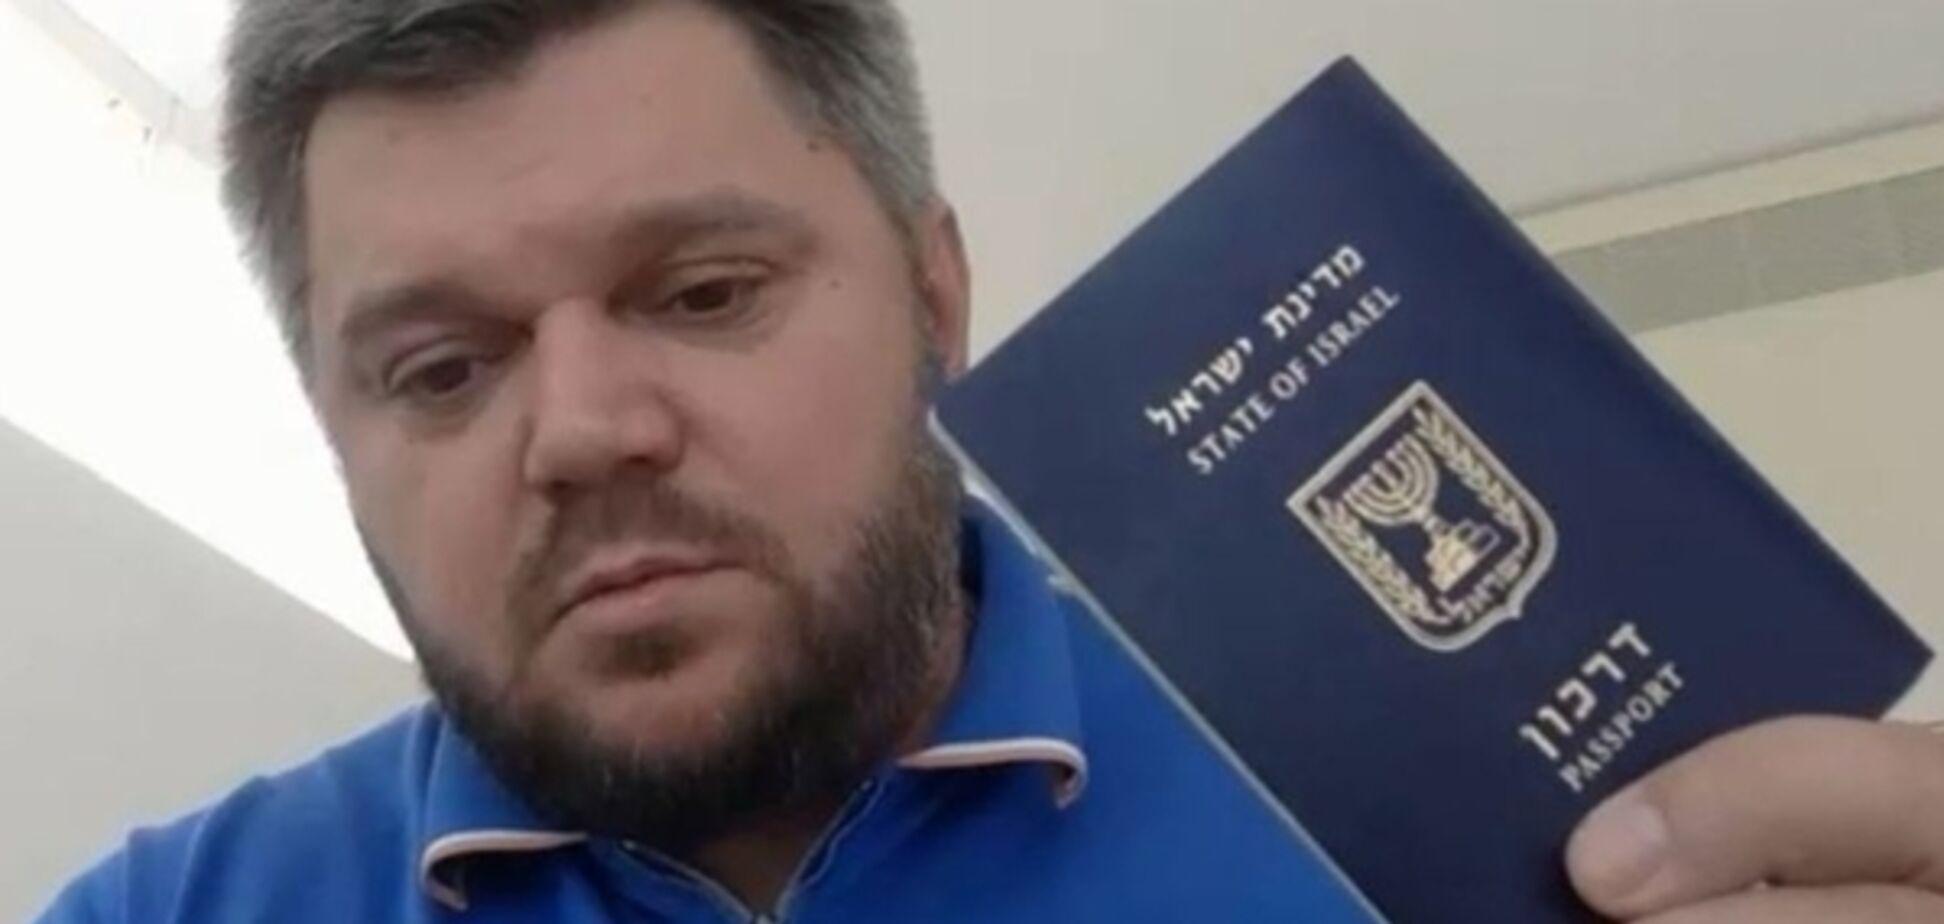 Втікача та екс-соратника Януковича засікли в незвичайному місці: фото